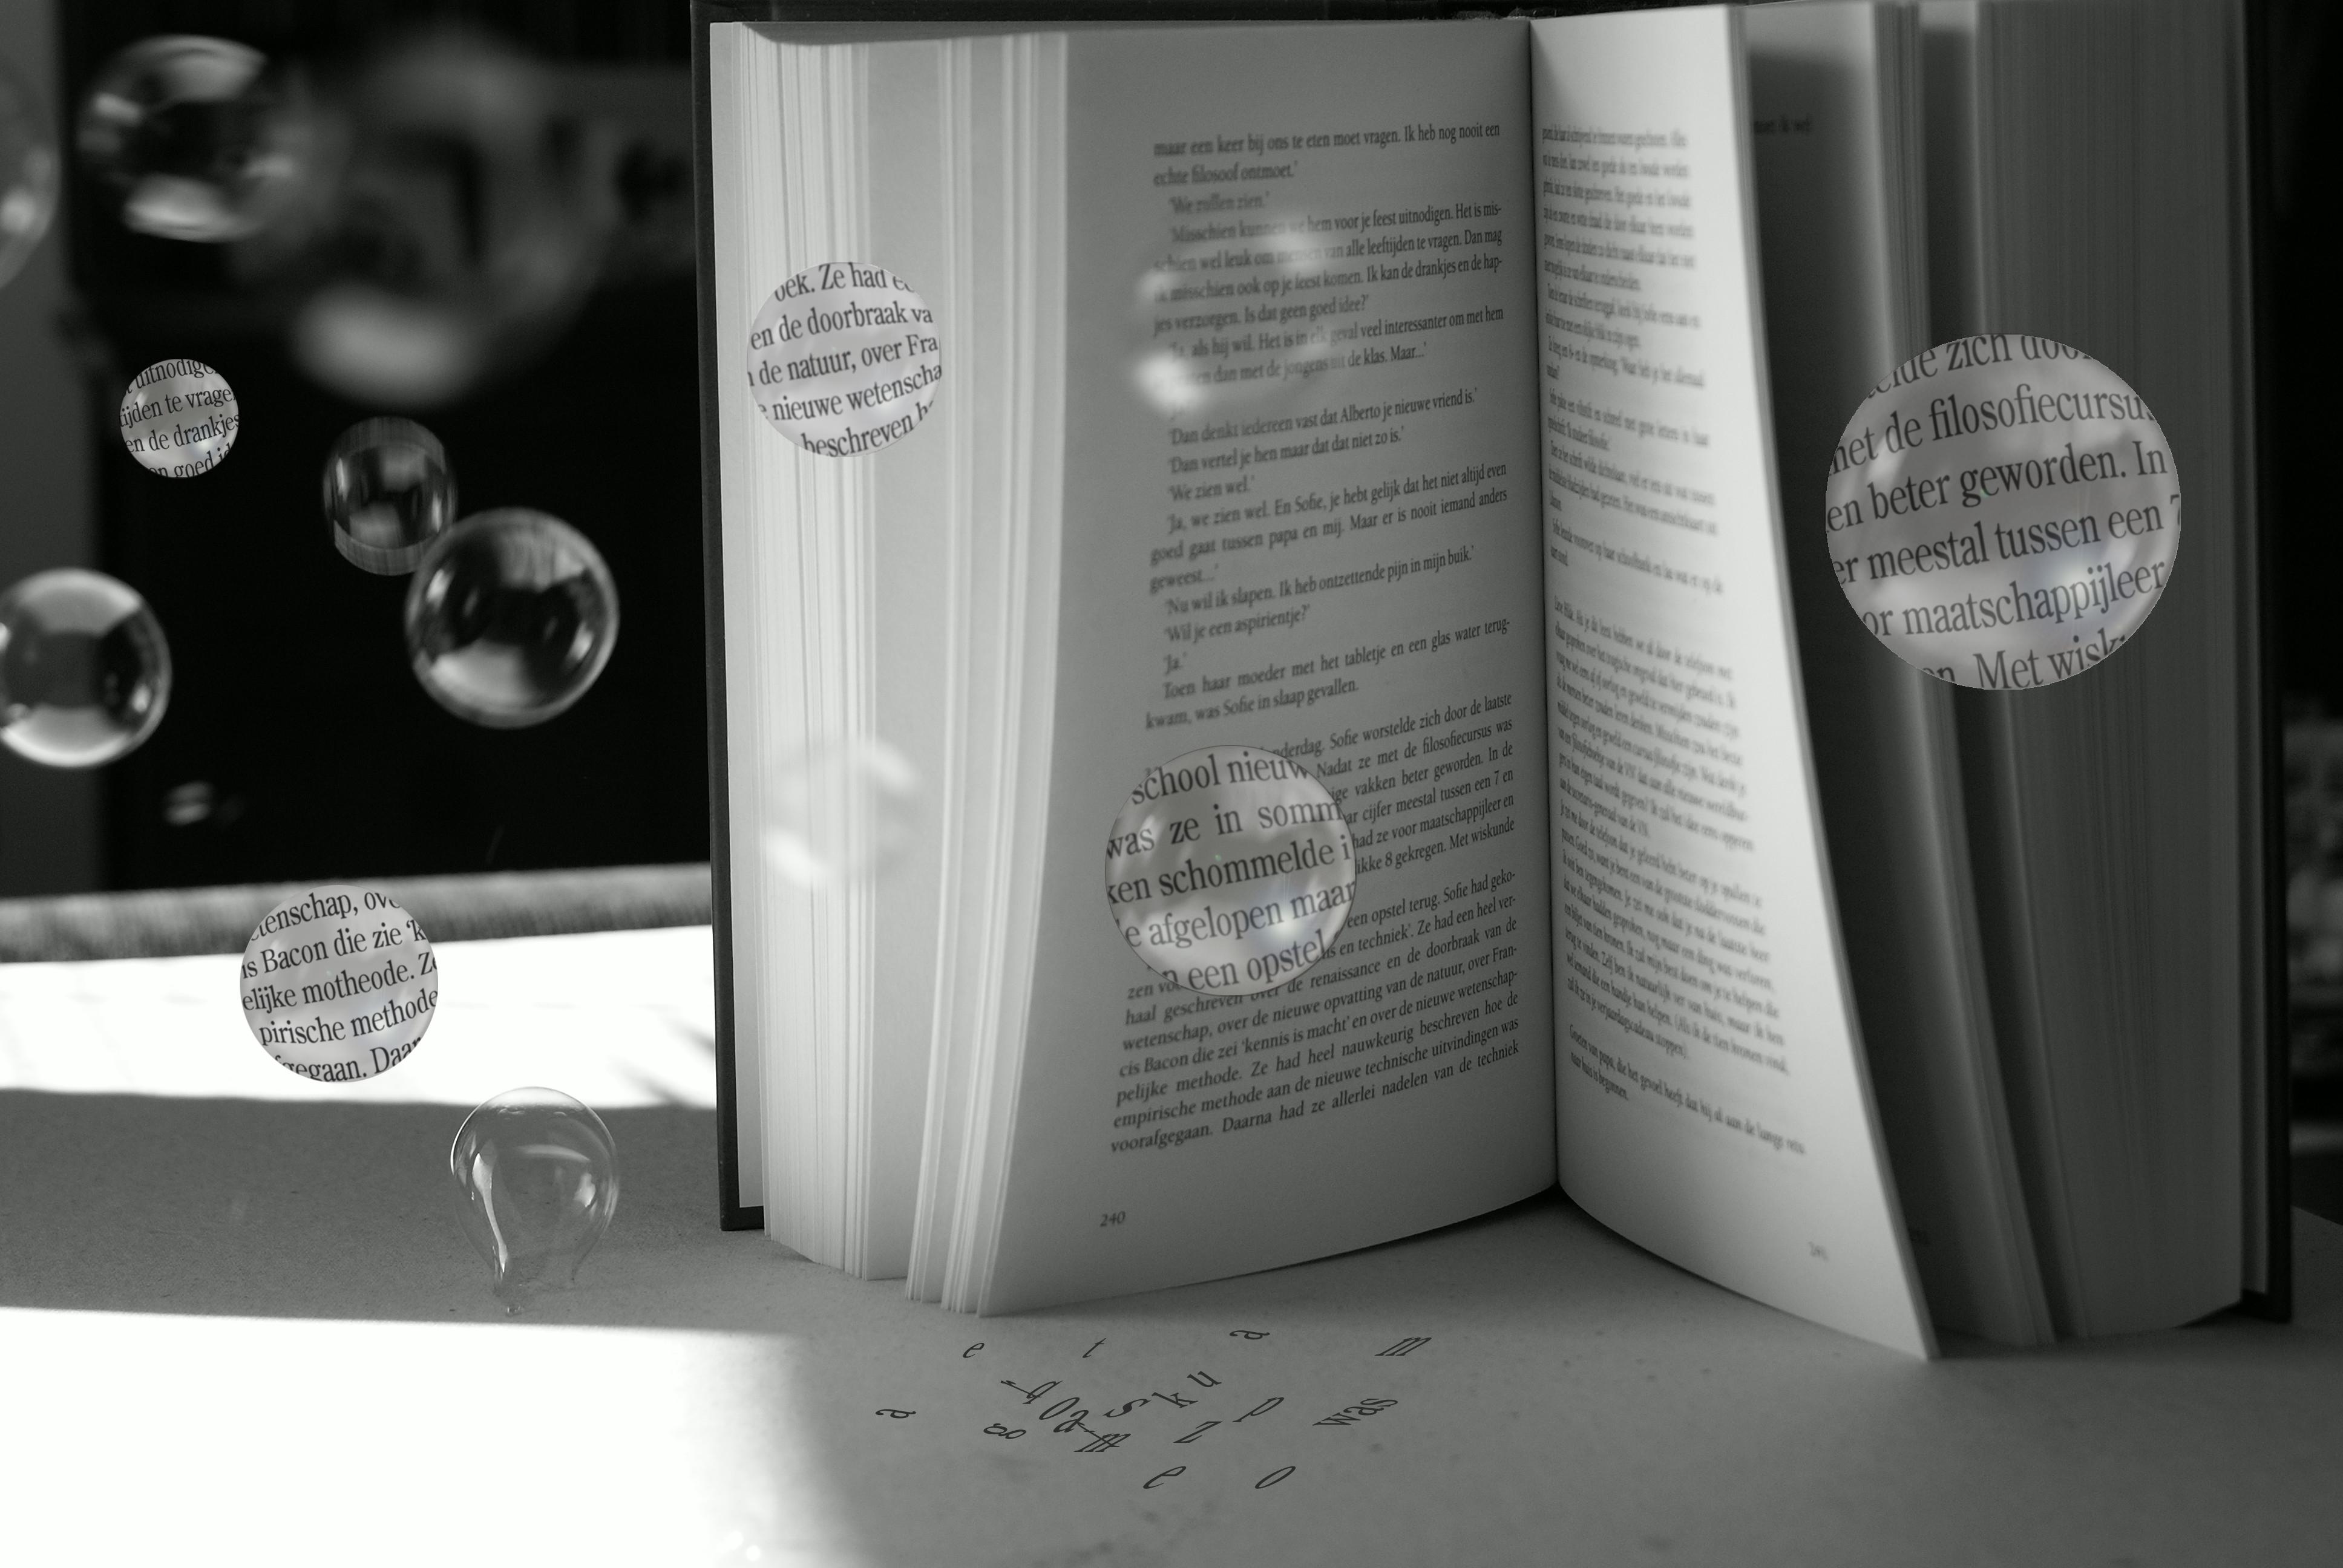 boekkopie.png